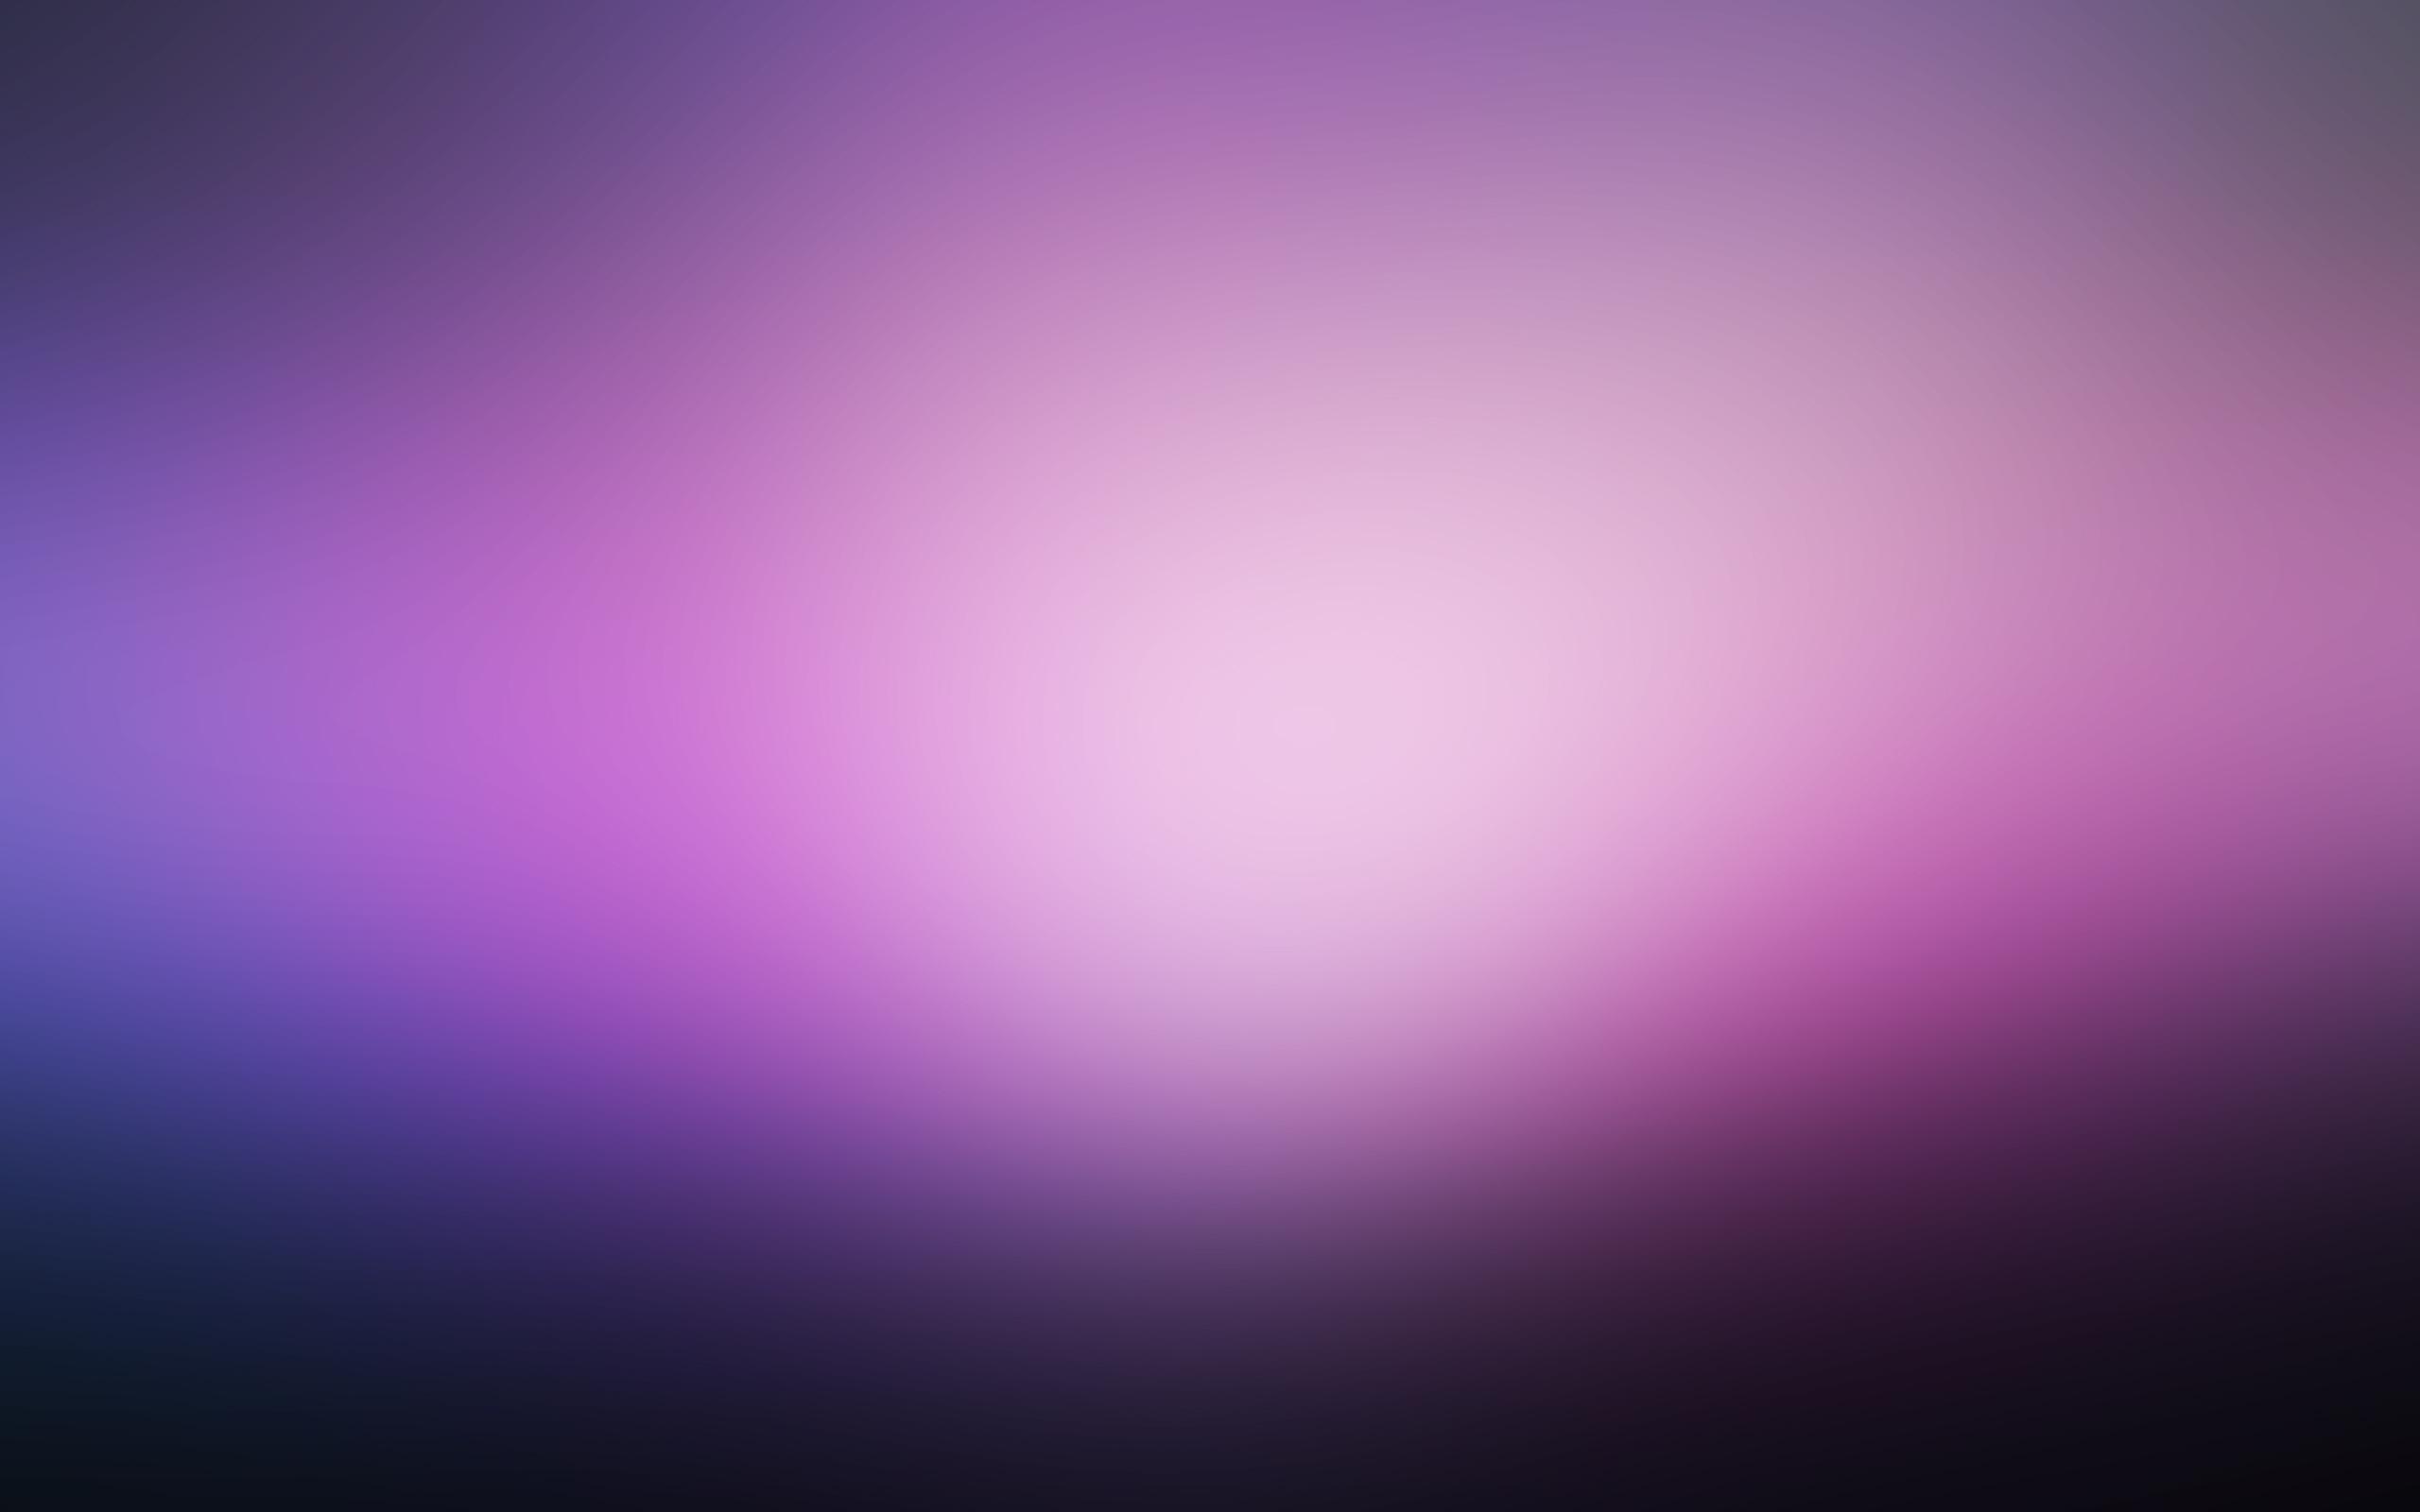 Purple Blur Wallpaper 26355 27046 Hd Wallpapers